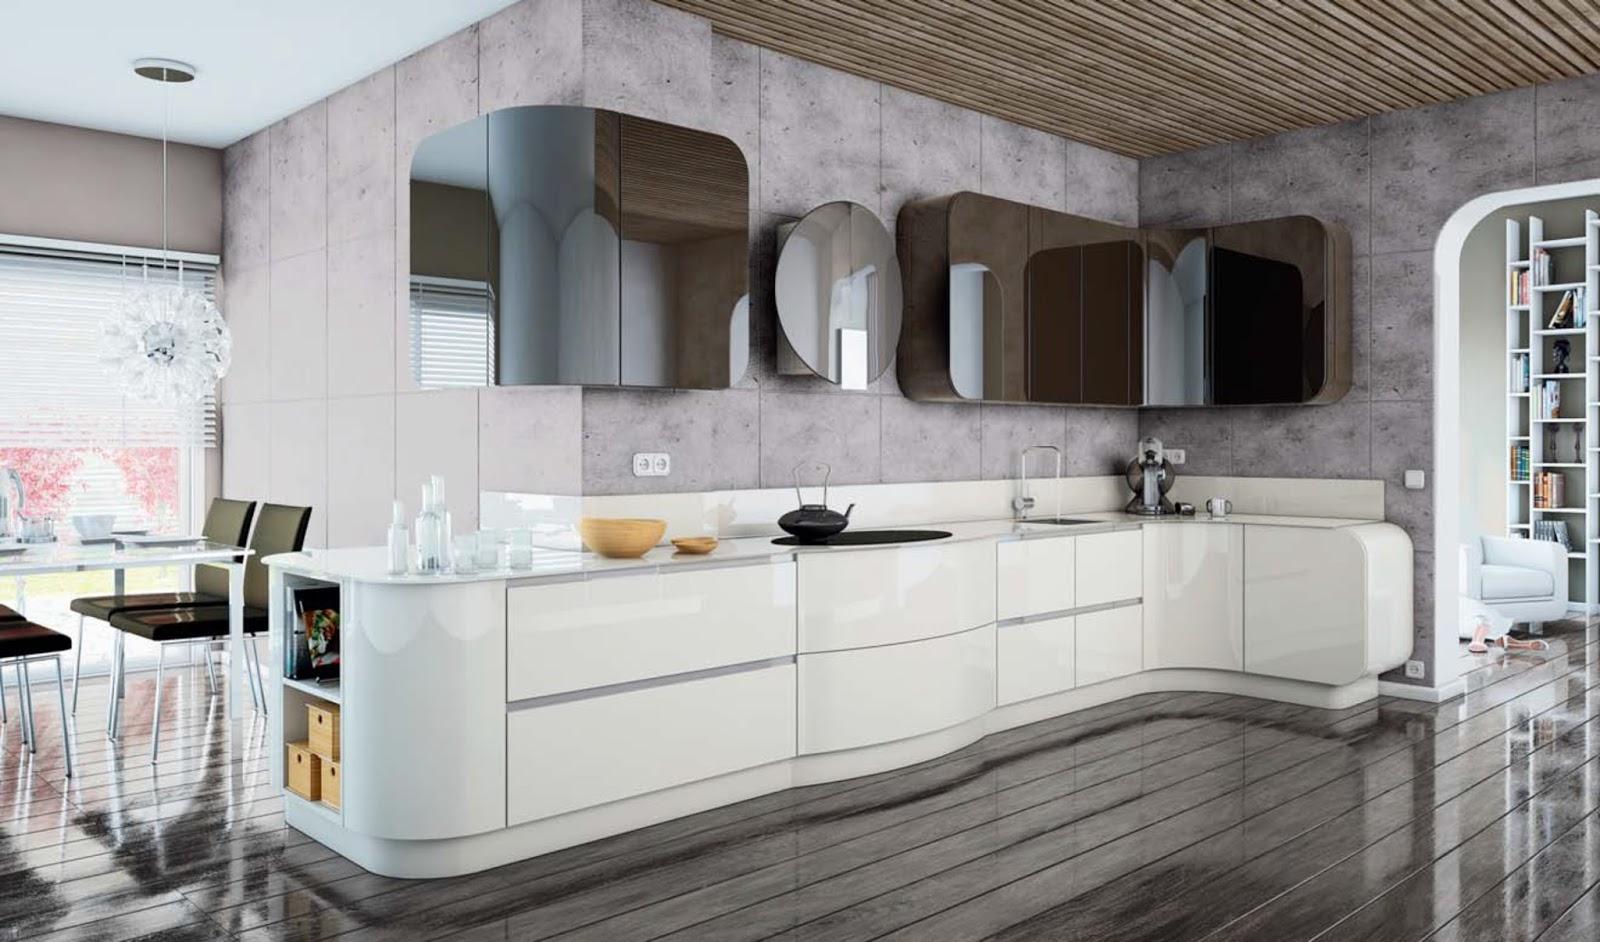 Diseño muebles de cocina: Cocina lacada en blanco y negro. (diseño ...